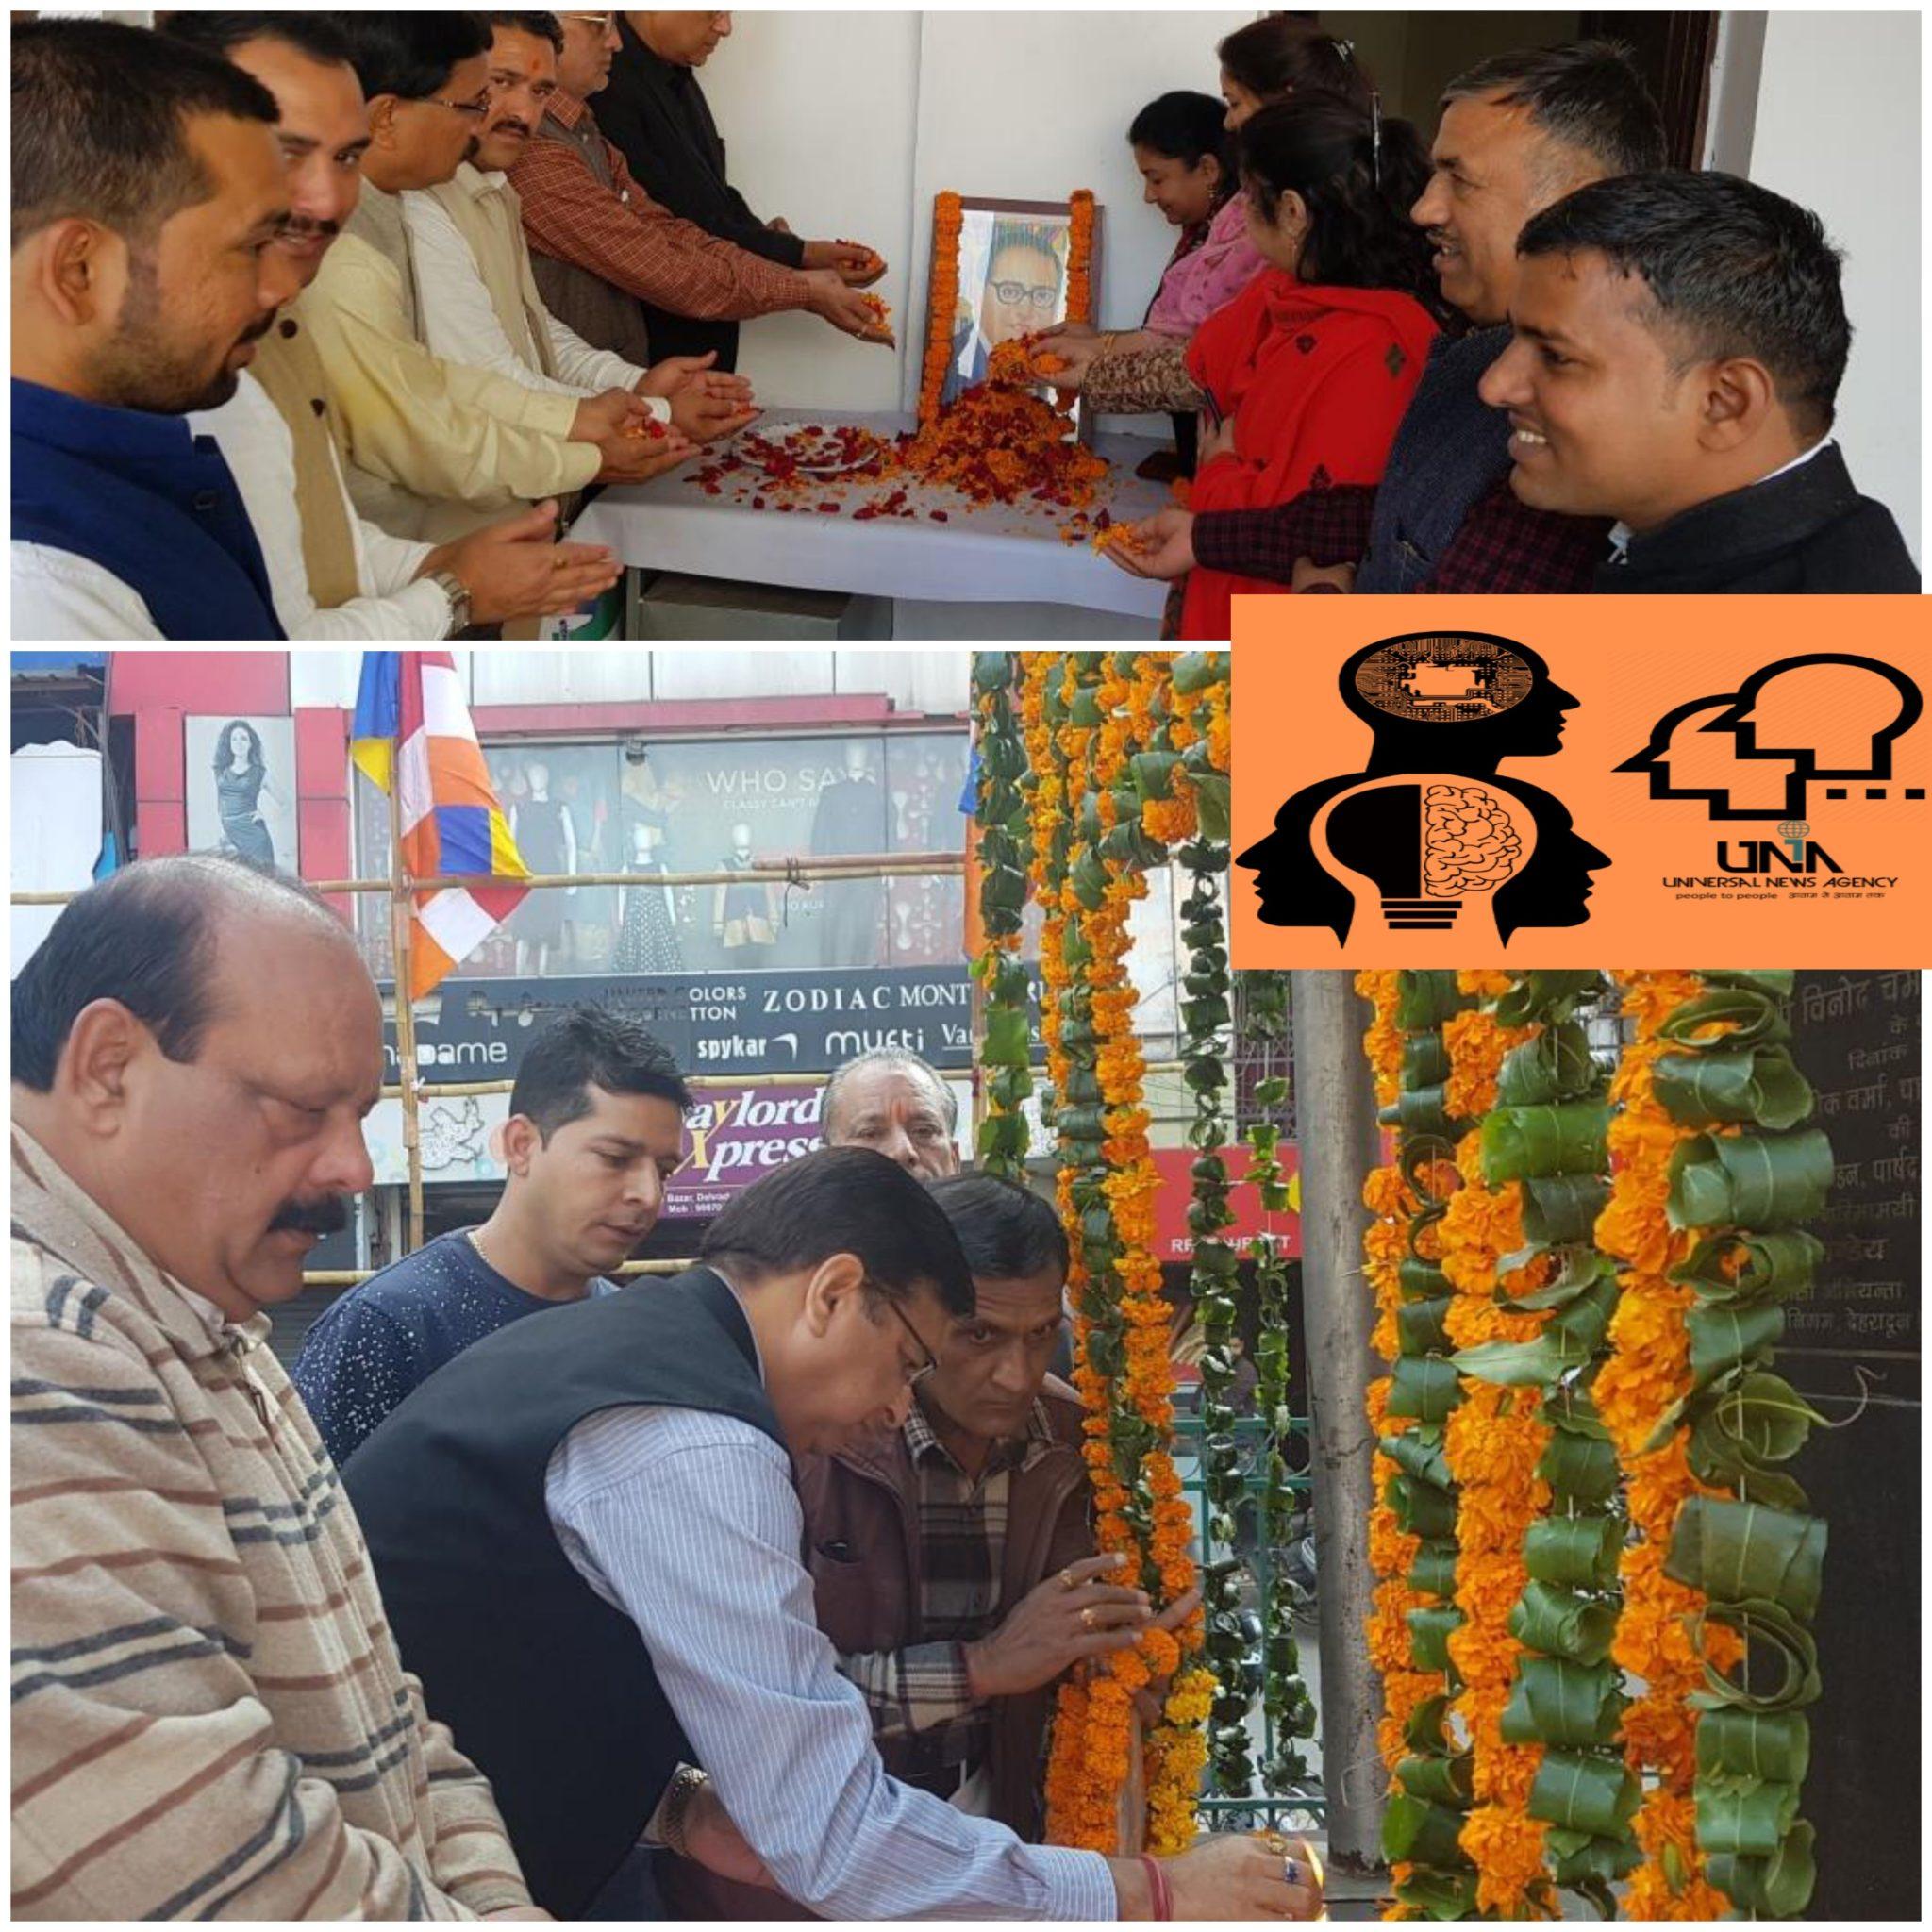 कांग्रेस पार्टी के प्रदेश अध्यक्ष श्री प्रीतम सिंह ने डॉ अम्बेडकर के महा निर्माण दिवस पर अपने श्रद्धा सुमन अर्पित क्या